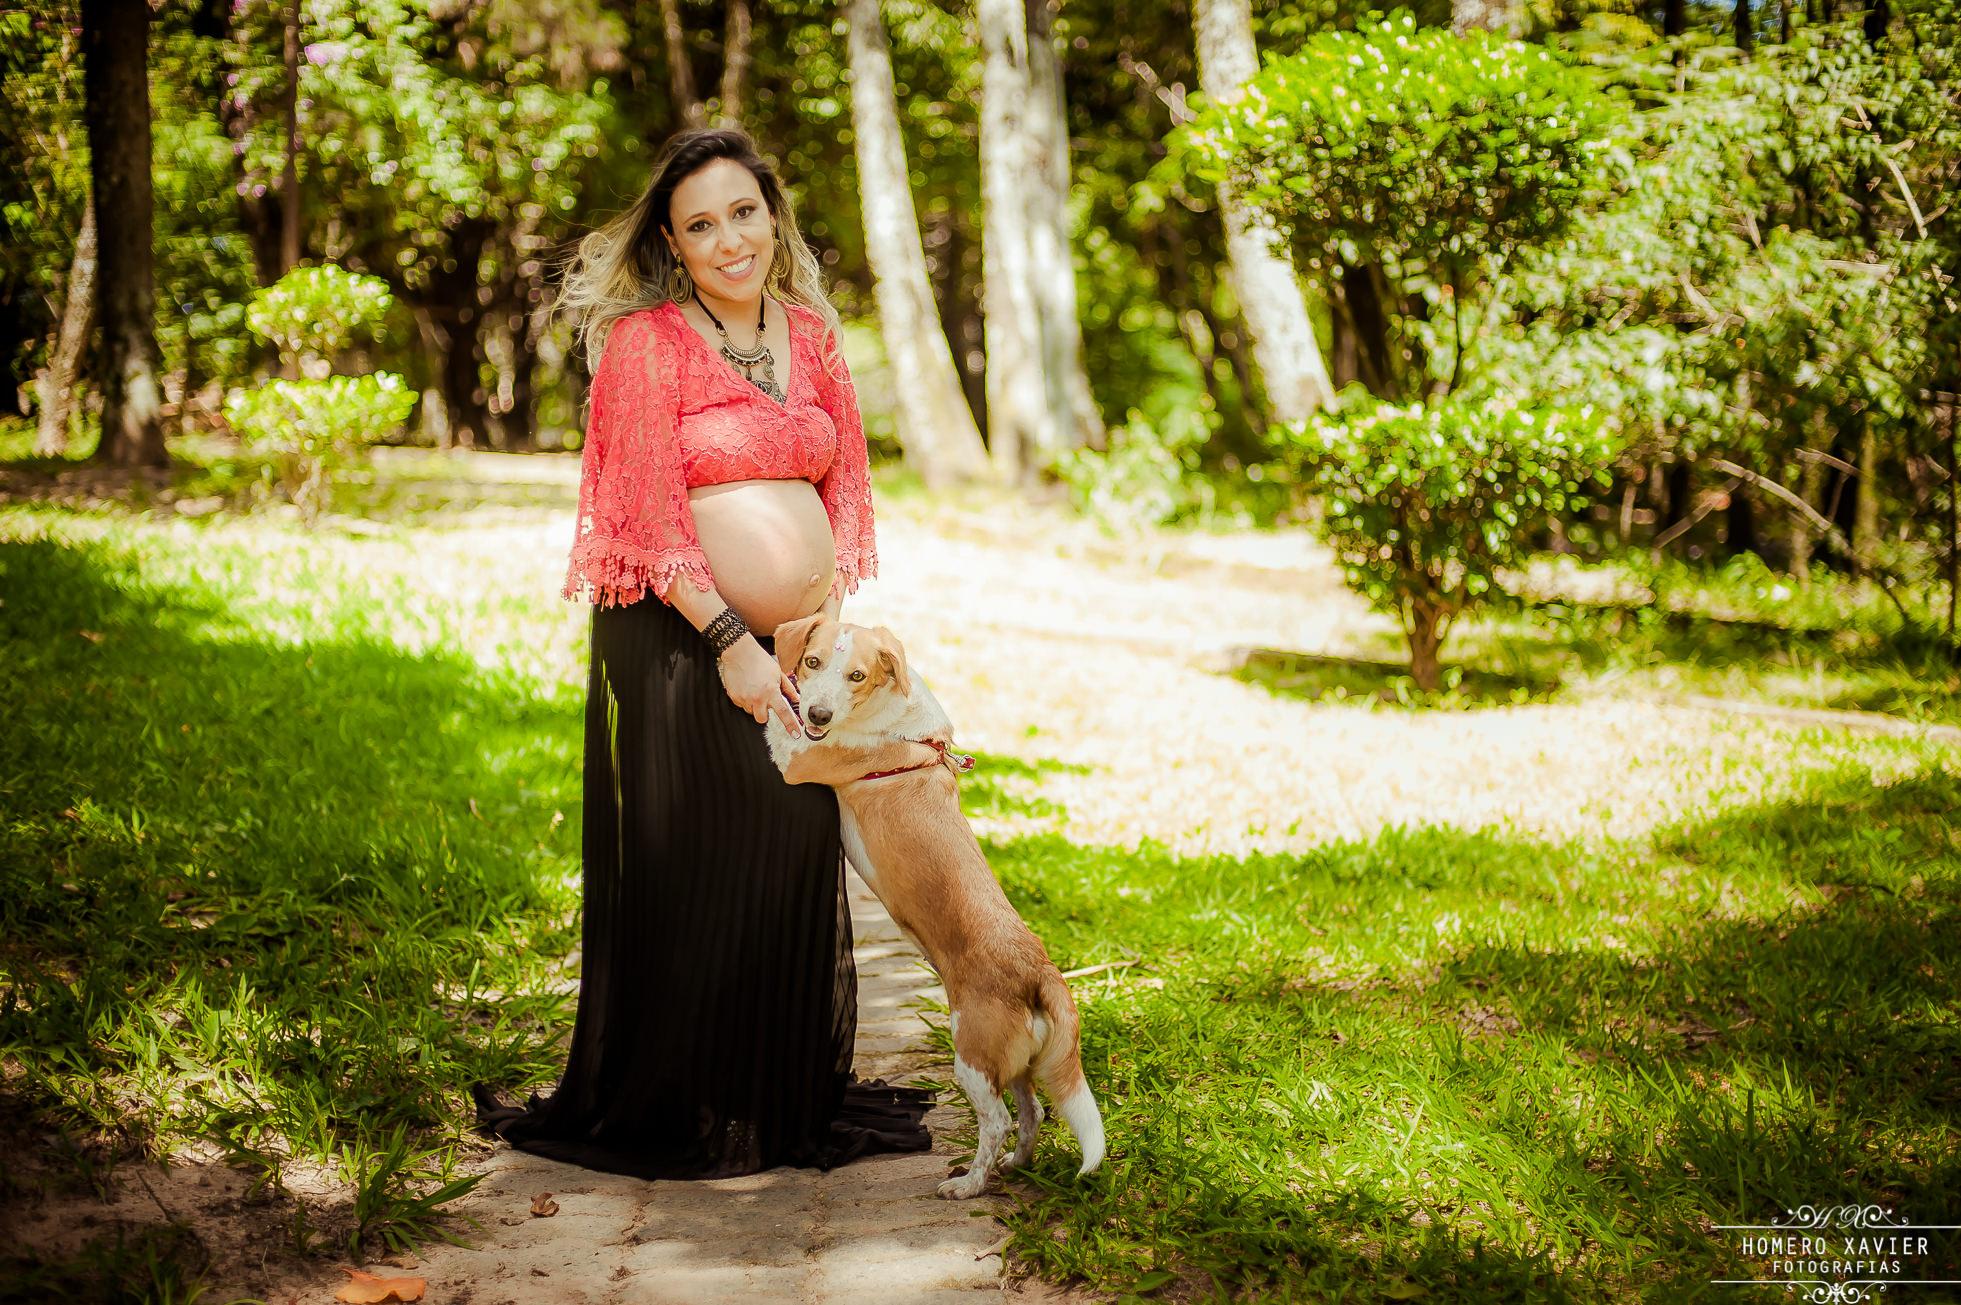 book gravida gestante em Parque em bh